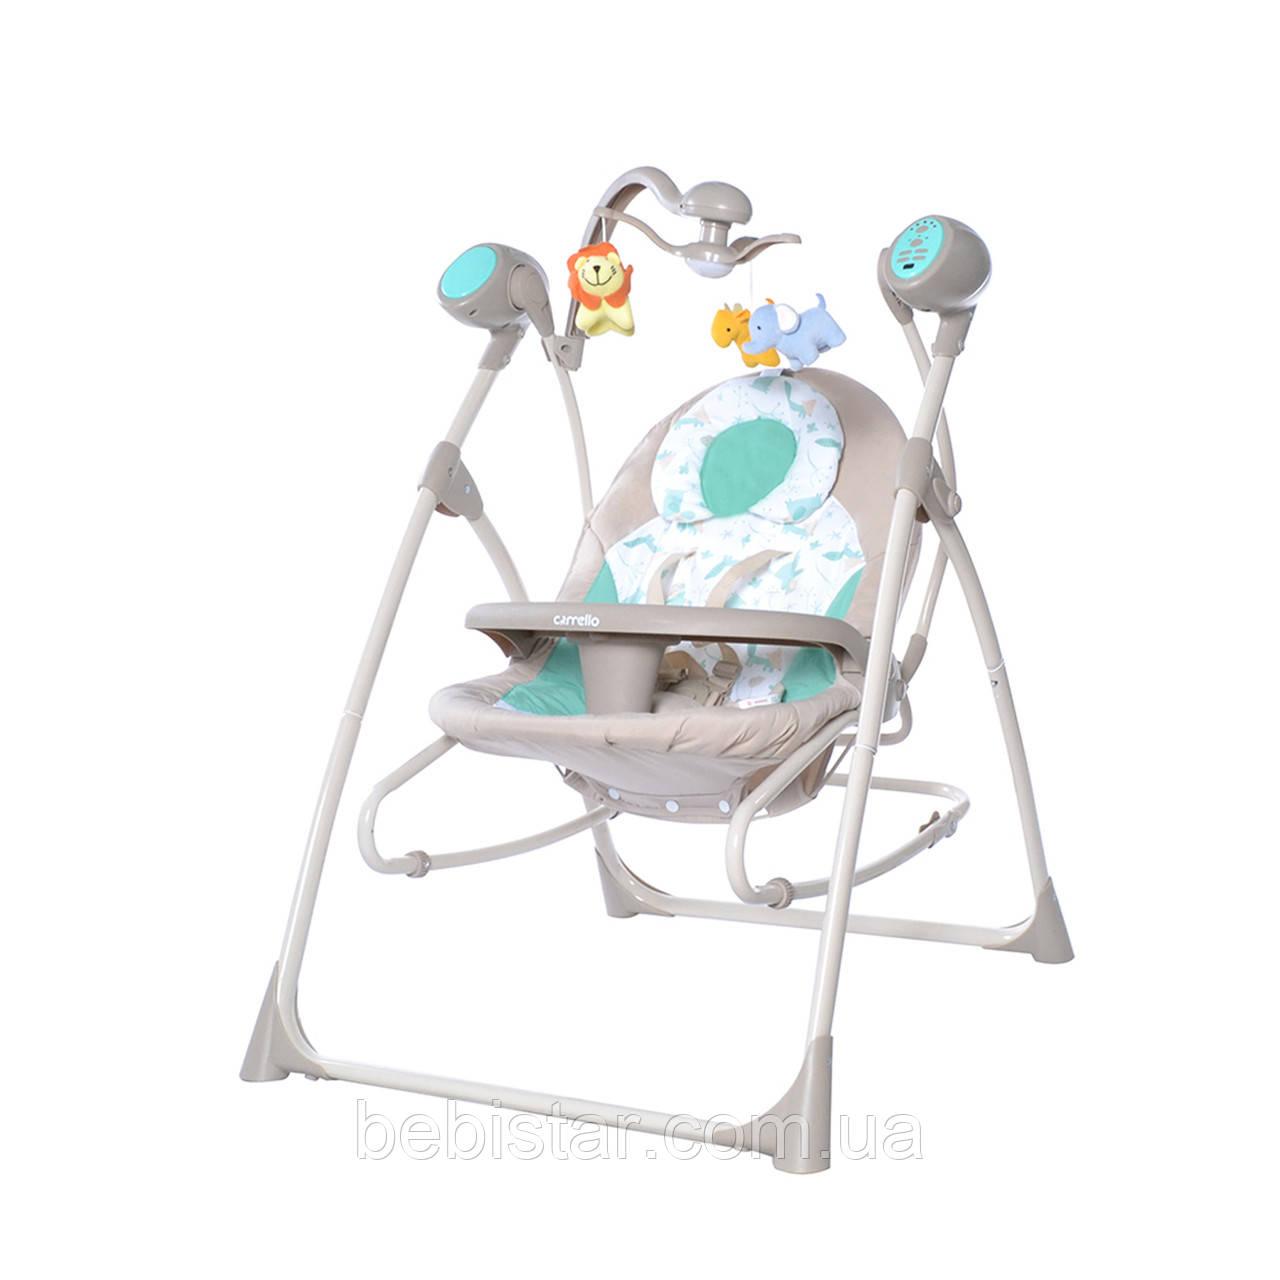 Кресло-качалка шезлонг 3в1 мятно-бежевая Carrello Nanny пульт съемный столик вкладыш вращающийся игрушки